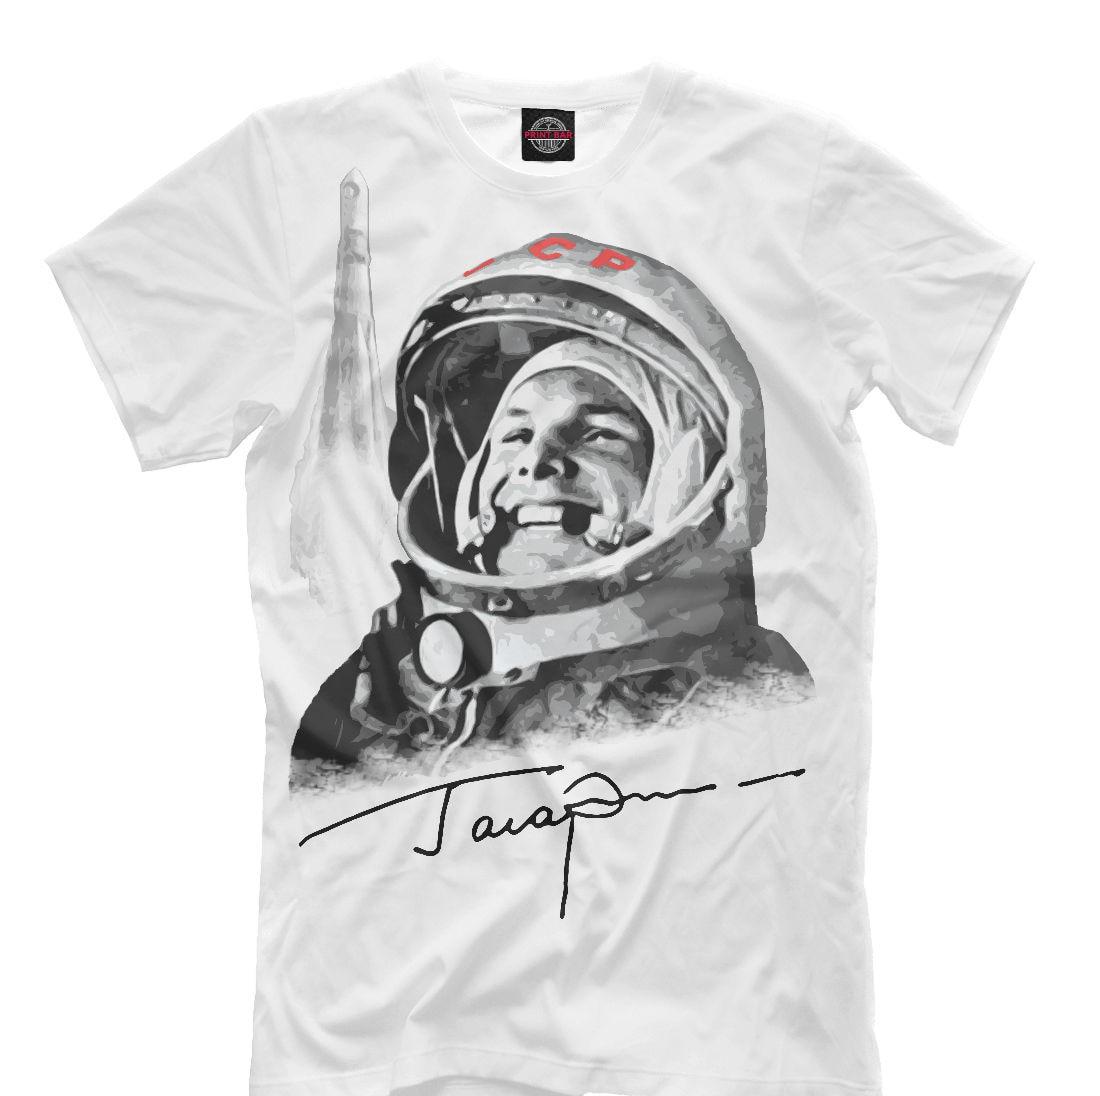 Nueva camiseta Rusia Ussr Primer Mundo Cosmonaut soviético Gagarin Cool Designe Hq hombres adultos Slim Fit camiseta S Xxl